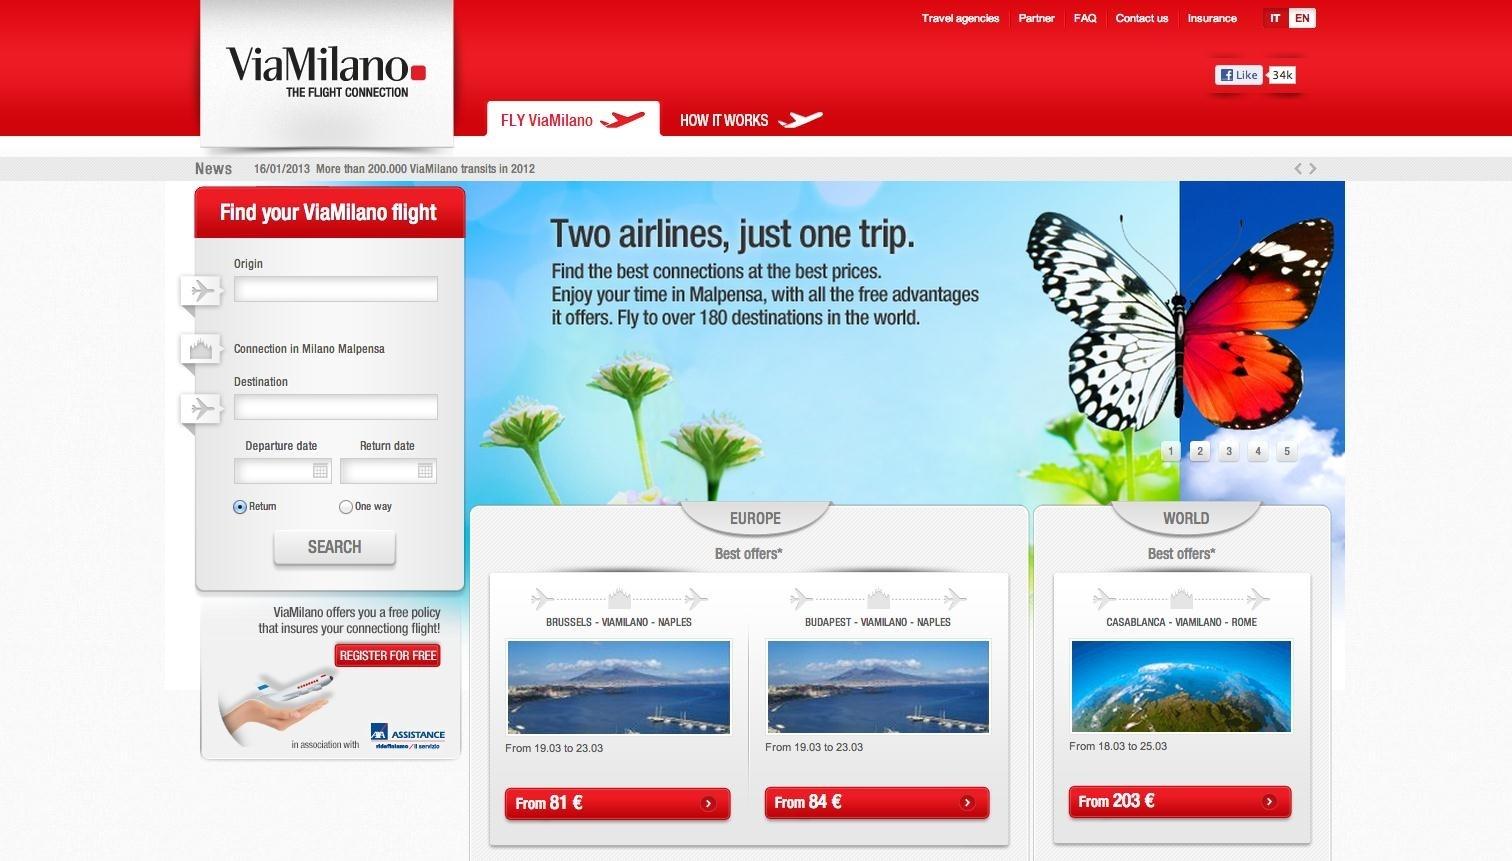 52fbadf952fc89b2765f48c72fb1eb0a - Viaja mas barato y ahorra tiempo gracias al nuevo servicio de vuelo ViaMilano